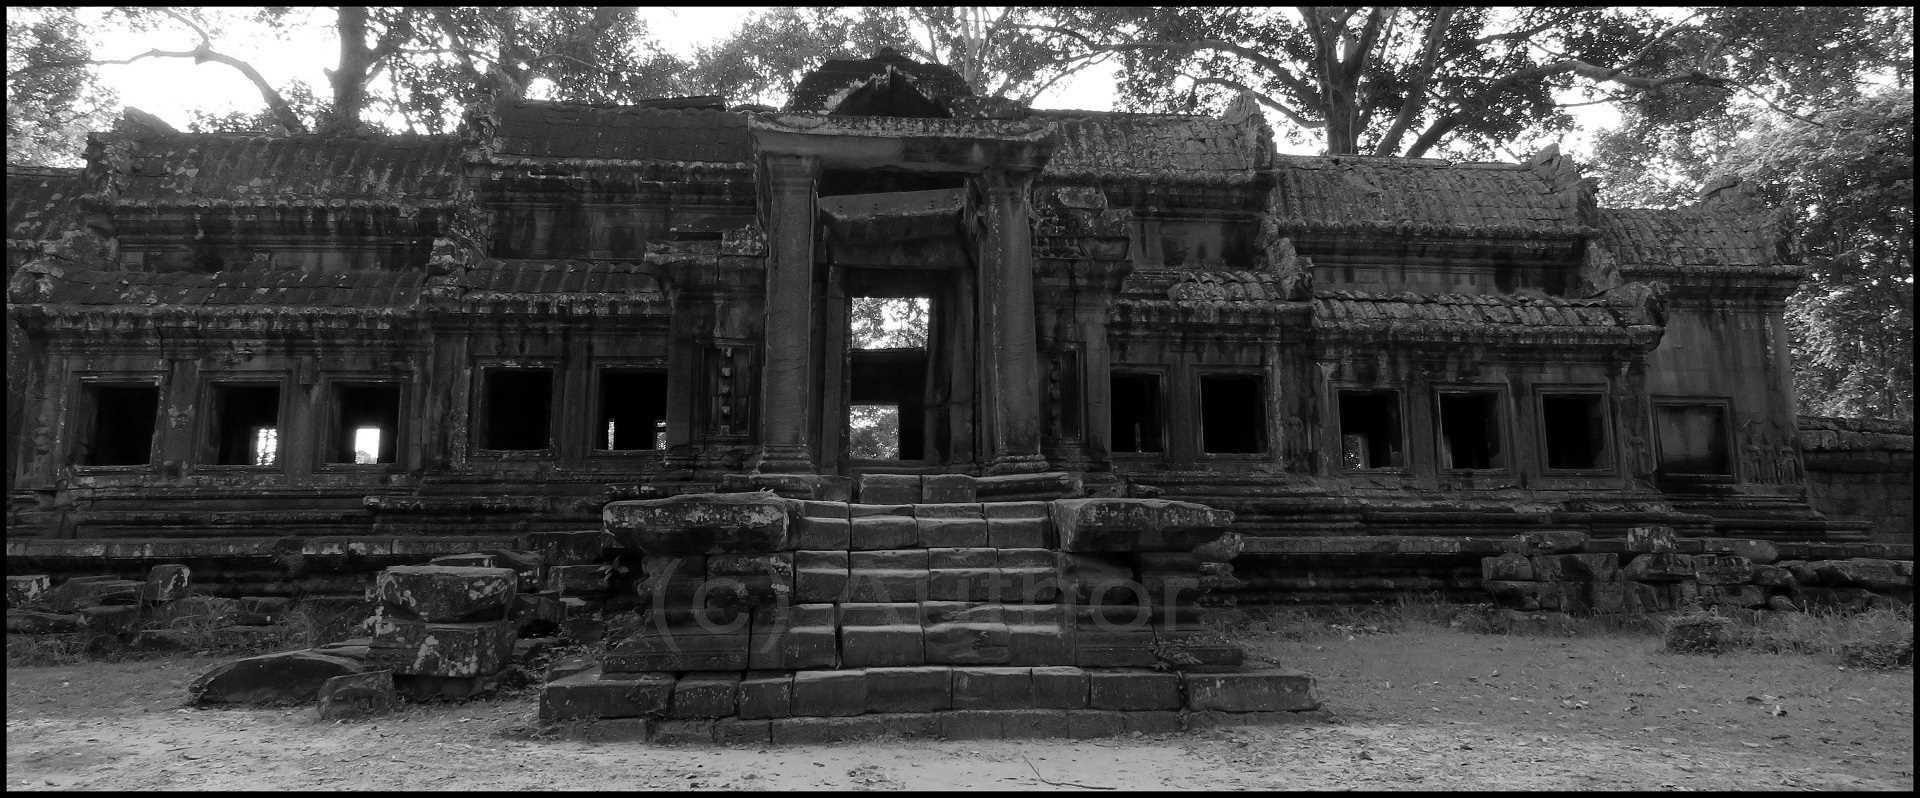 3_PI_Remains Of Angkor Wat Entrance_Bianca Holburn